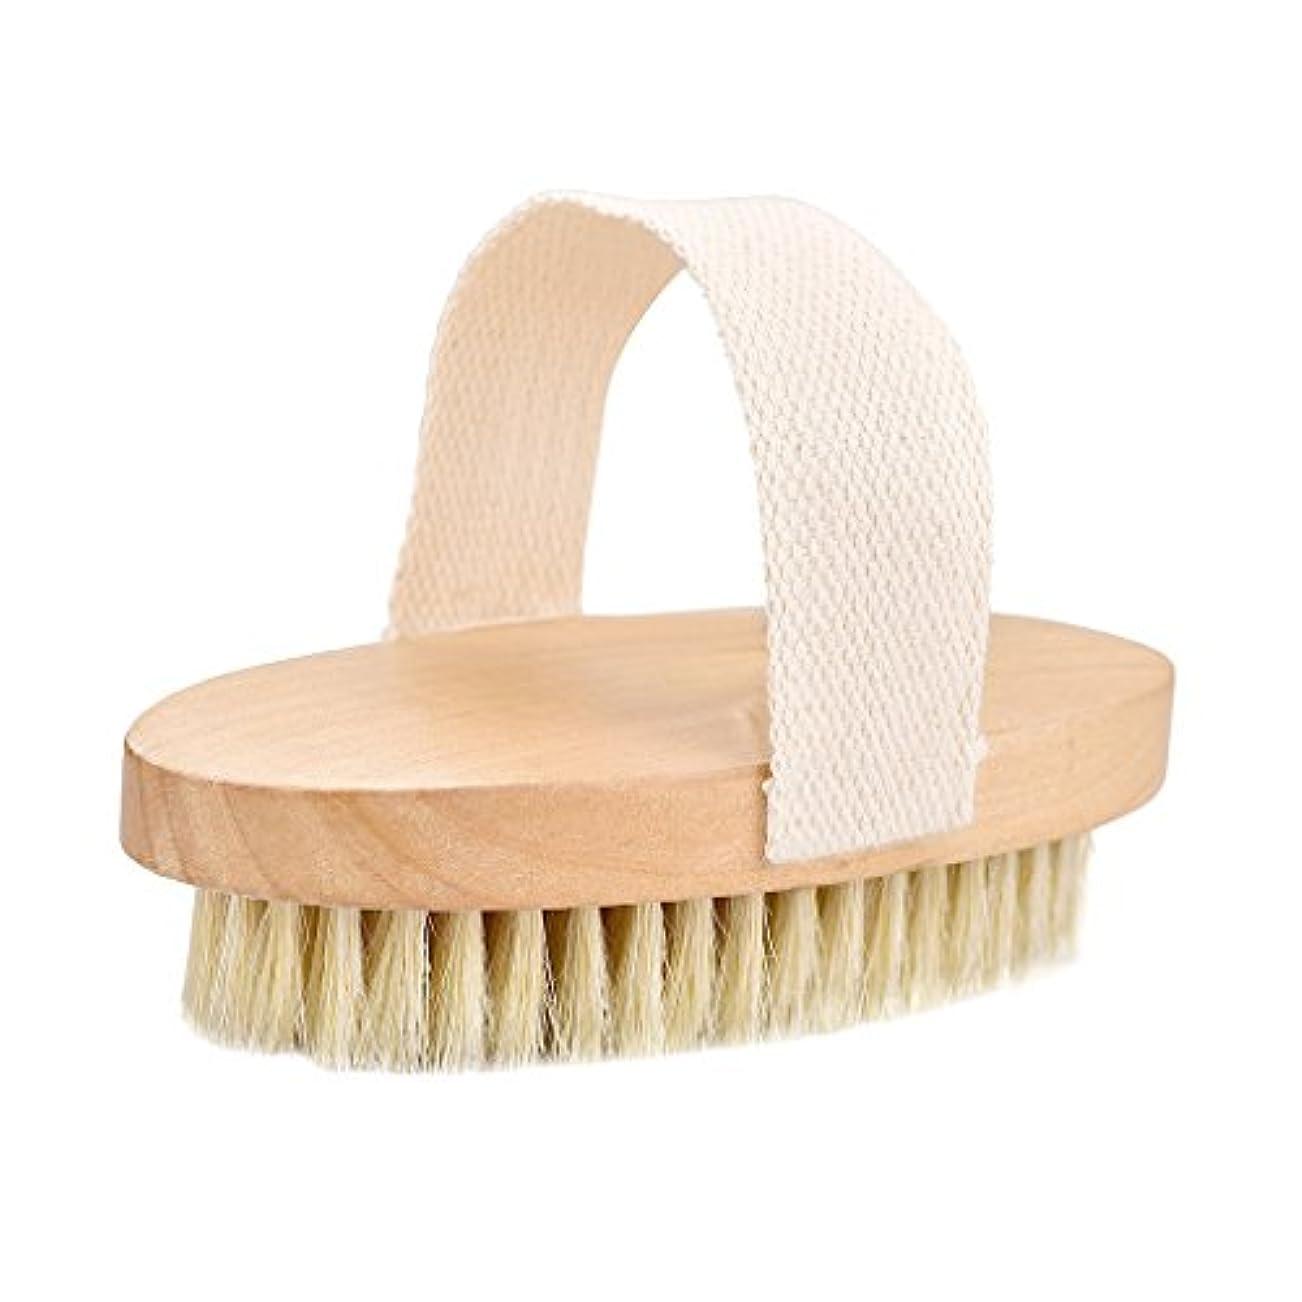 習熟度目指す窒息させるTumao ボディブラシ 豚毛 ソフト 背中 お風呂用 角質除去 全身マッサージ 血行促進 体洗いブラシ バスグッズ